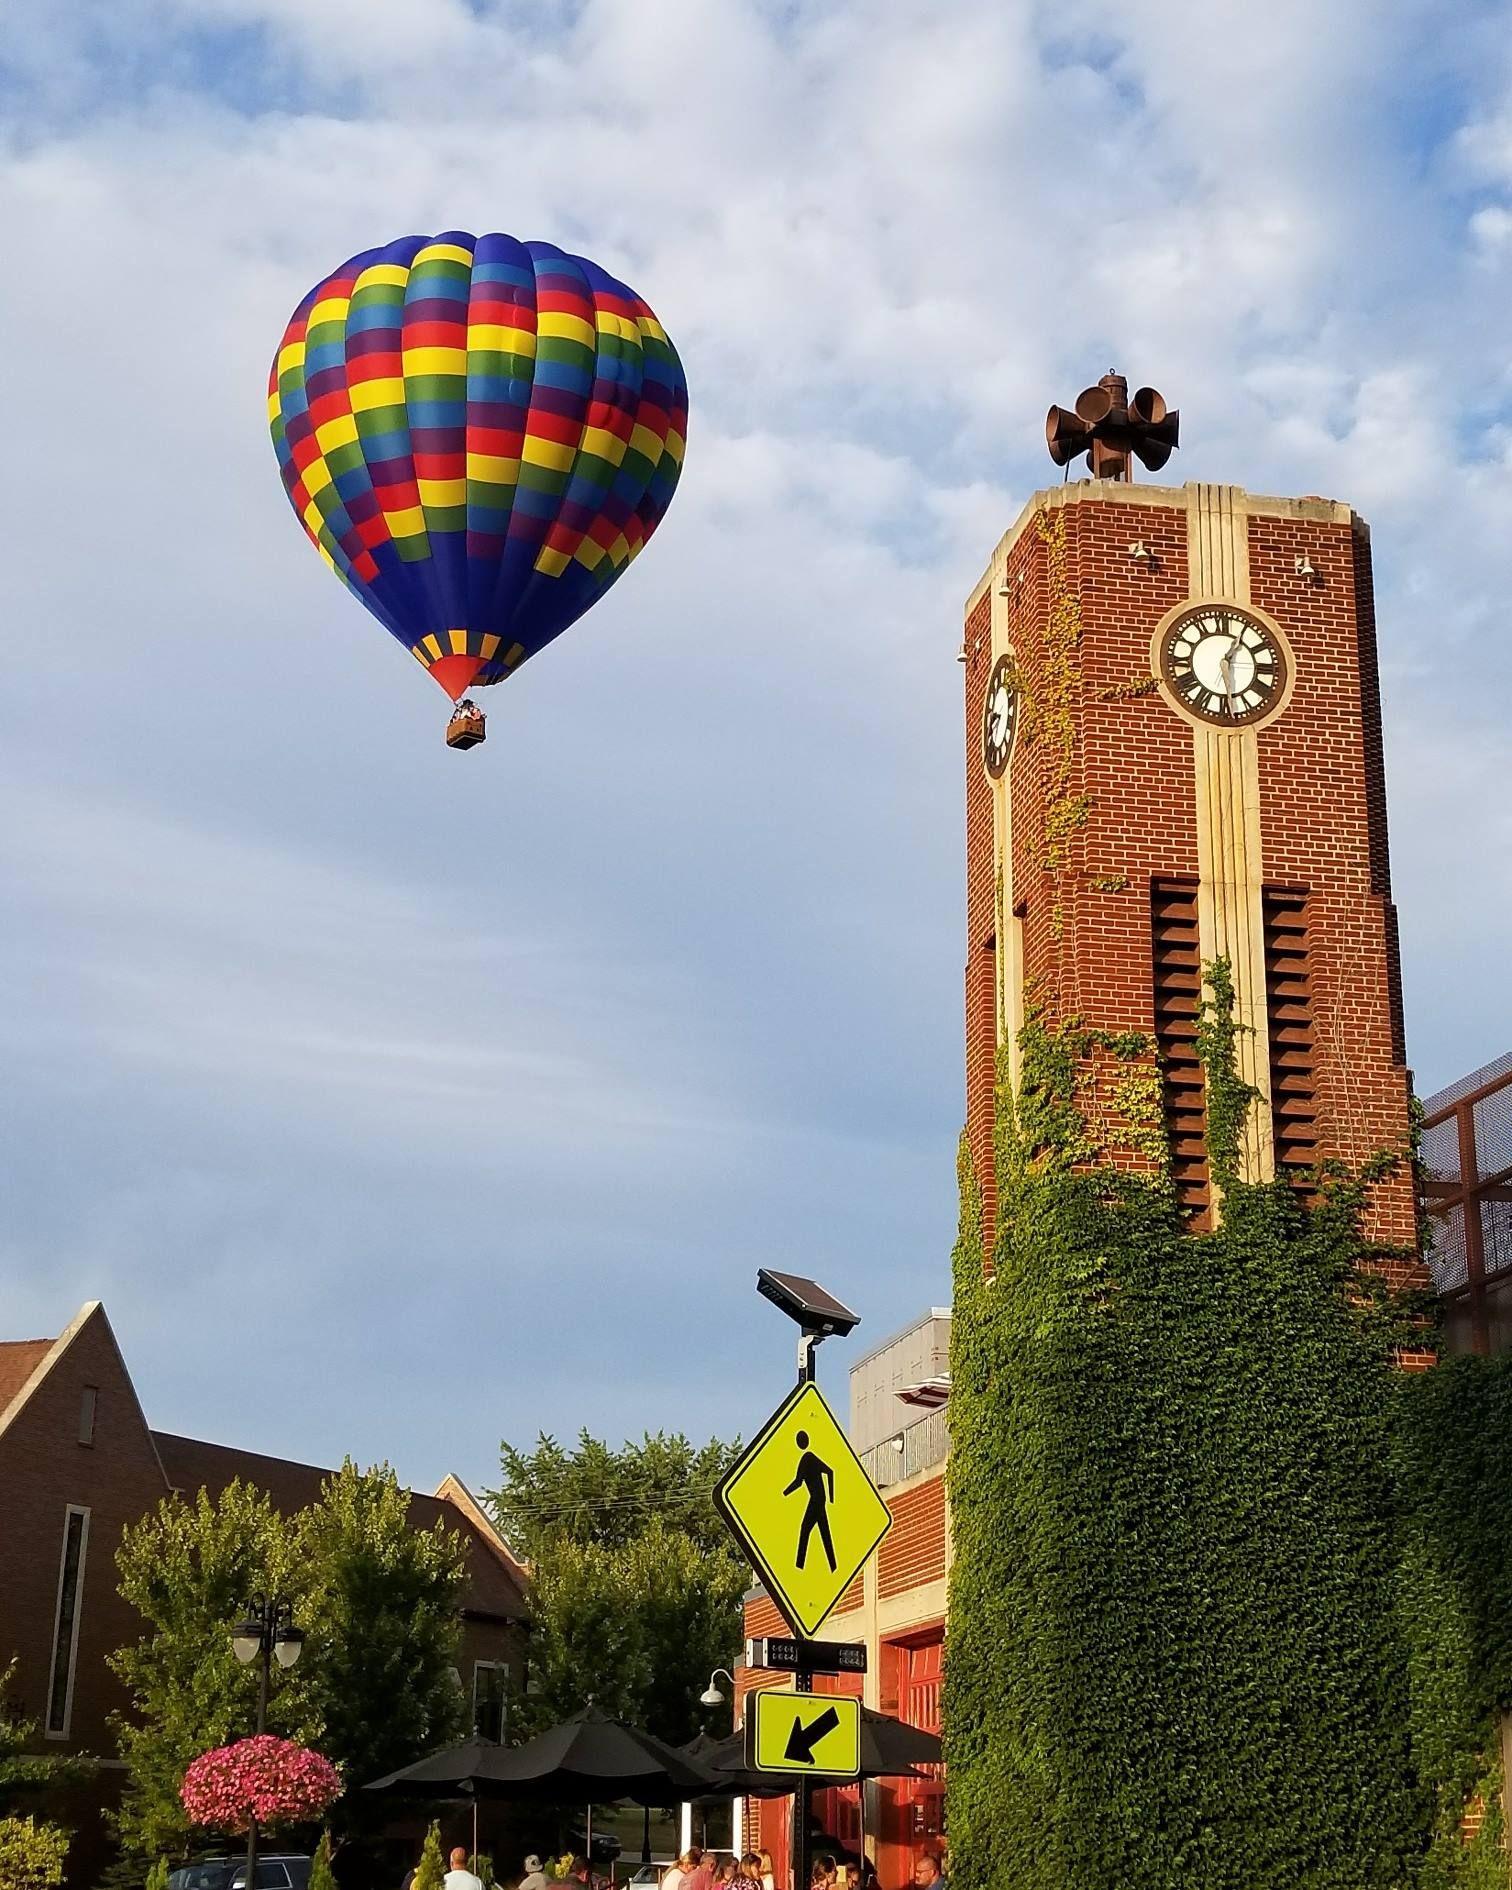 World famous hotairballoon rides in Fenton MI with Capt